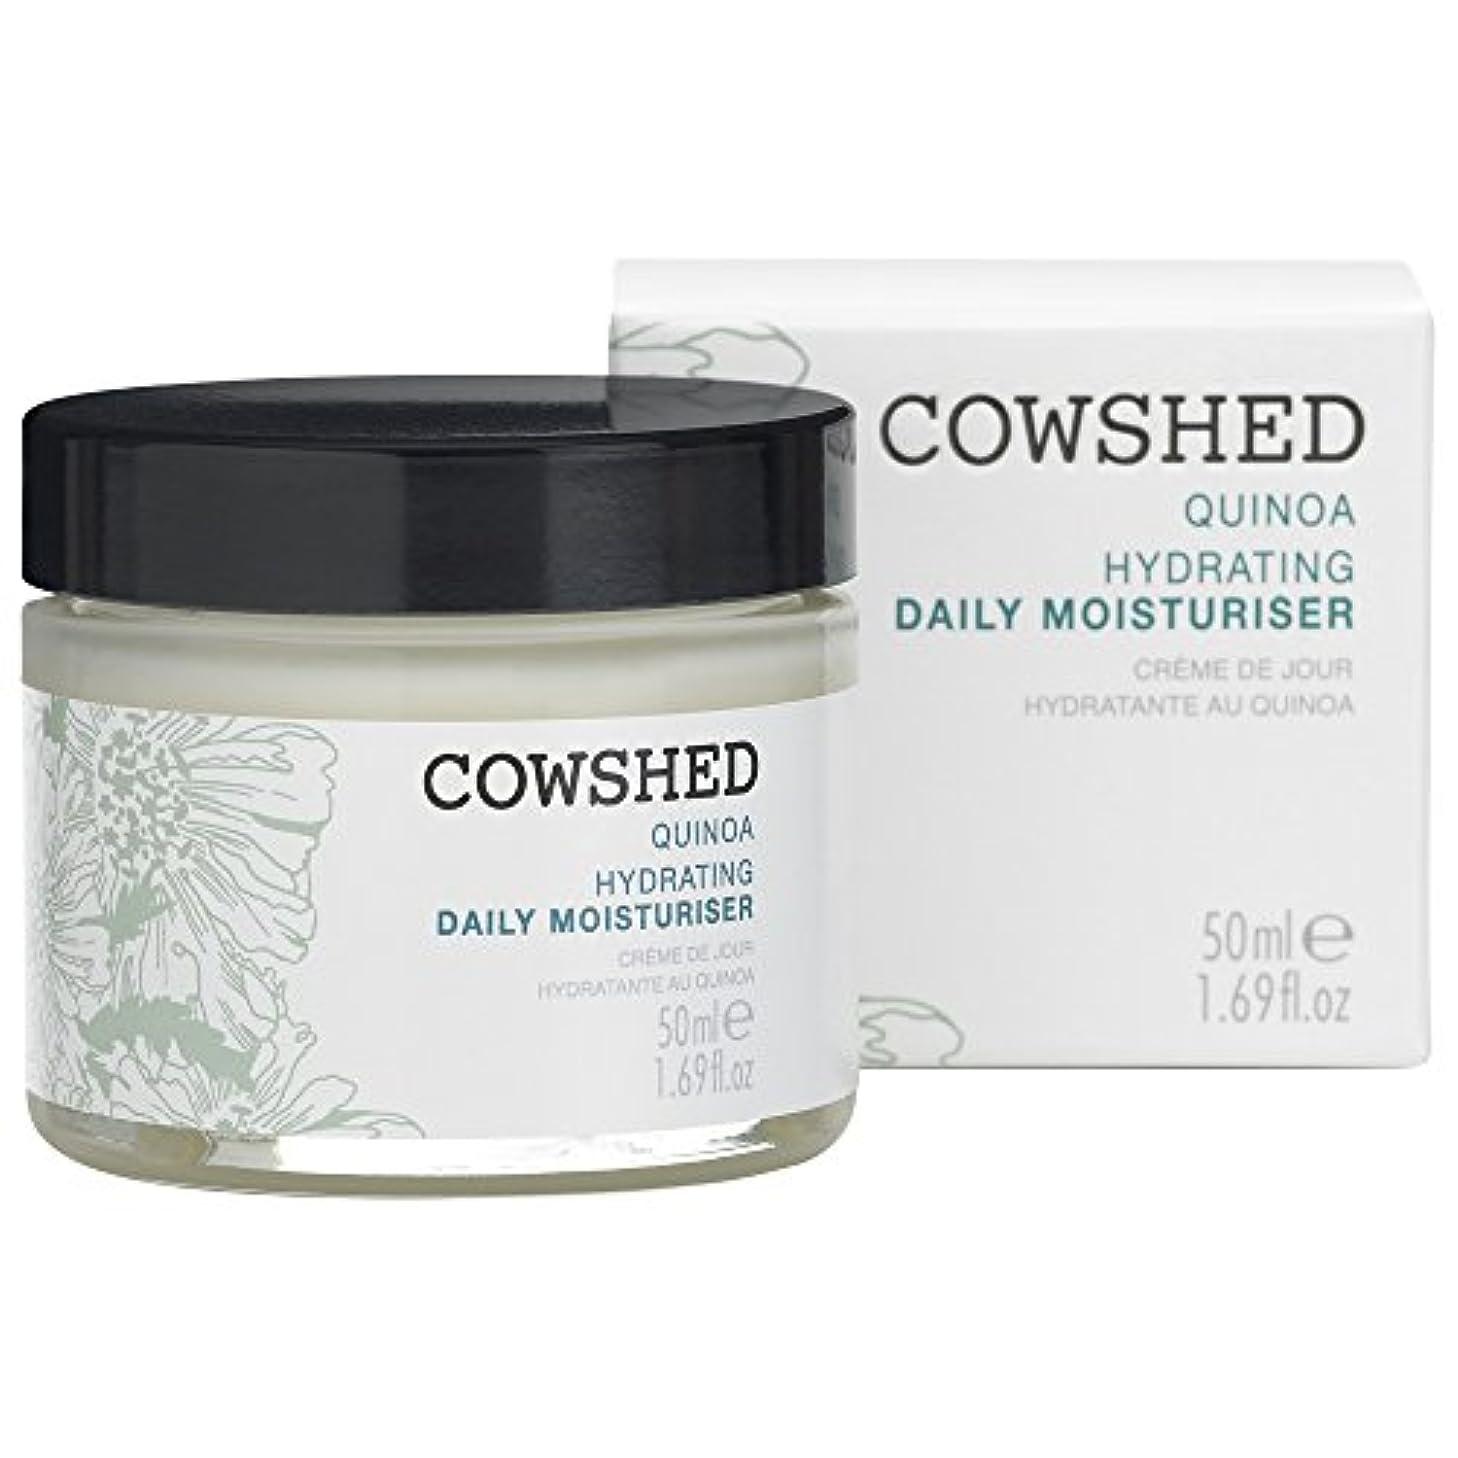 パーツ爆発する優越牛舎キノア水和毎日の保湿クリーム50Ml (Cowshed) (x2) - Cowshed Quinoa Hydrating Daily Moisturiser 50ml (Pack of 2) [並行輸入品]